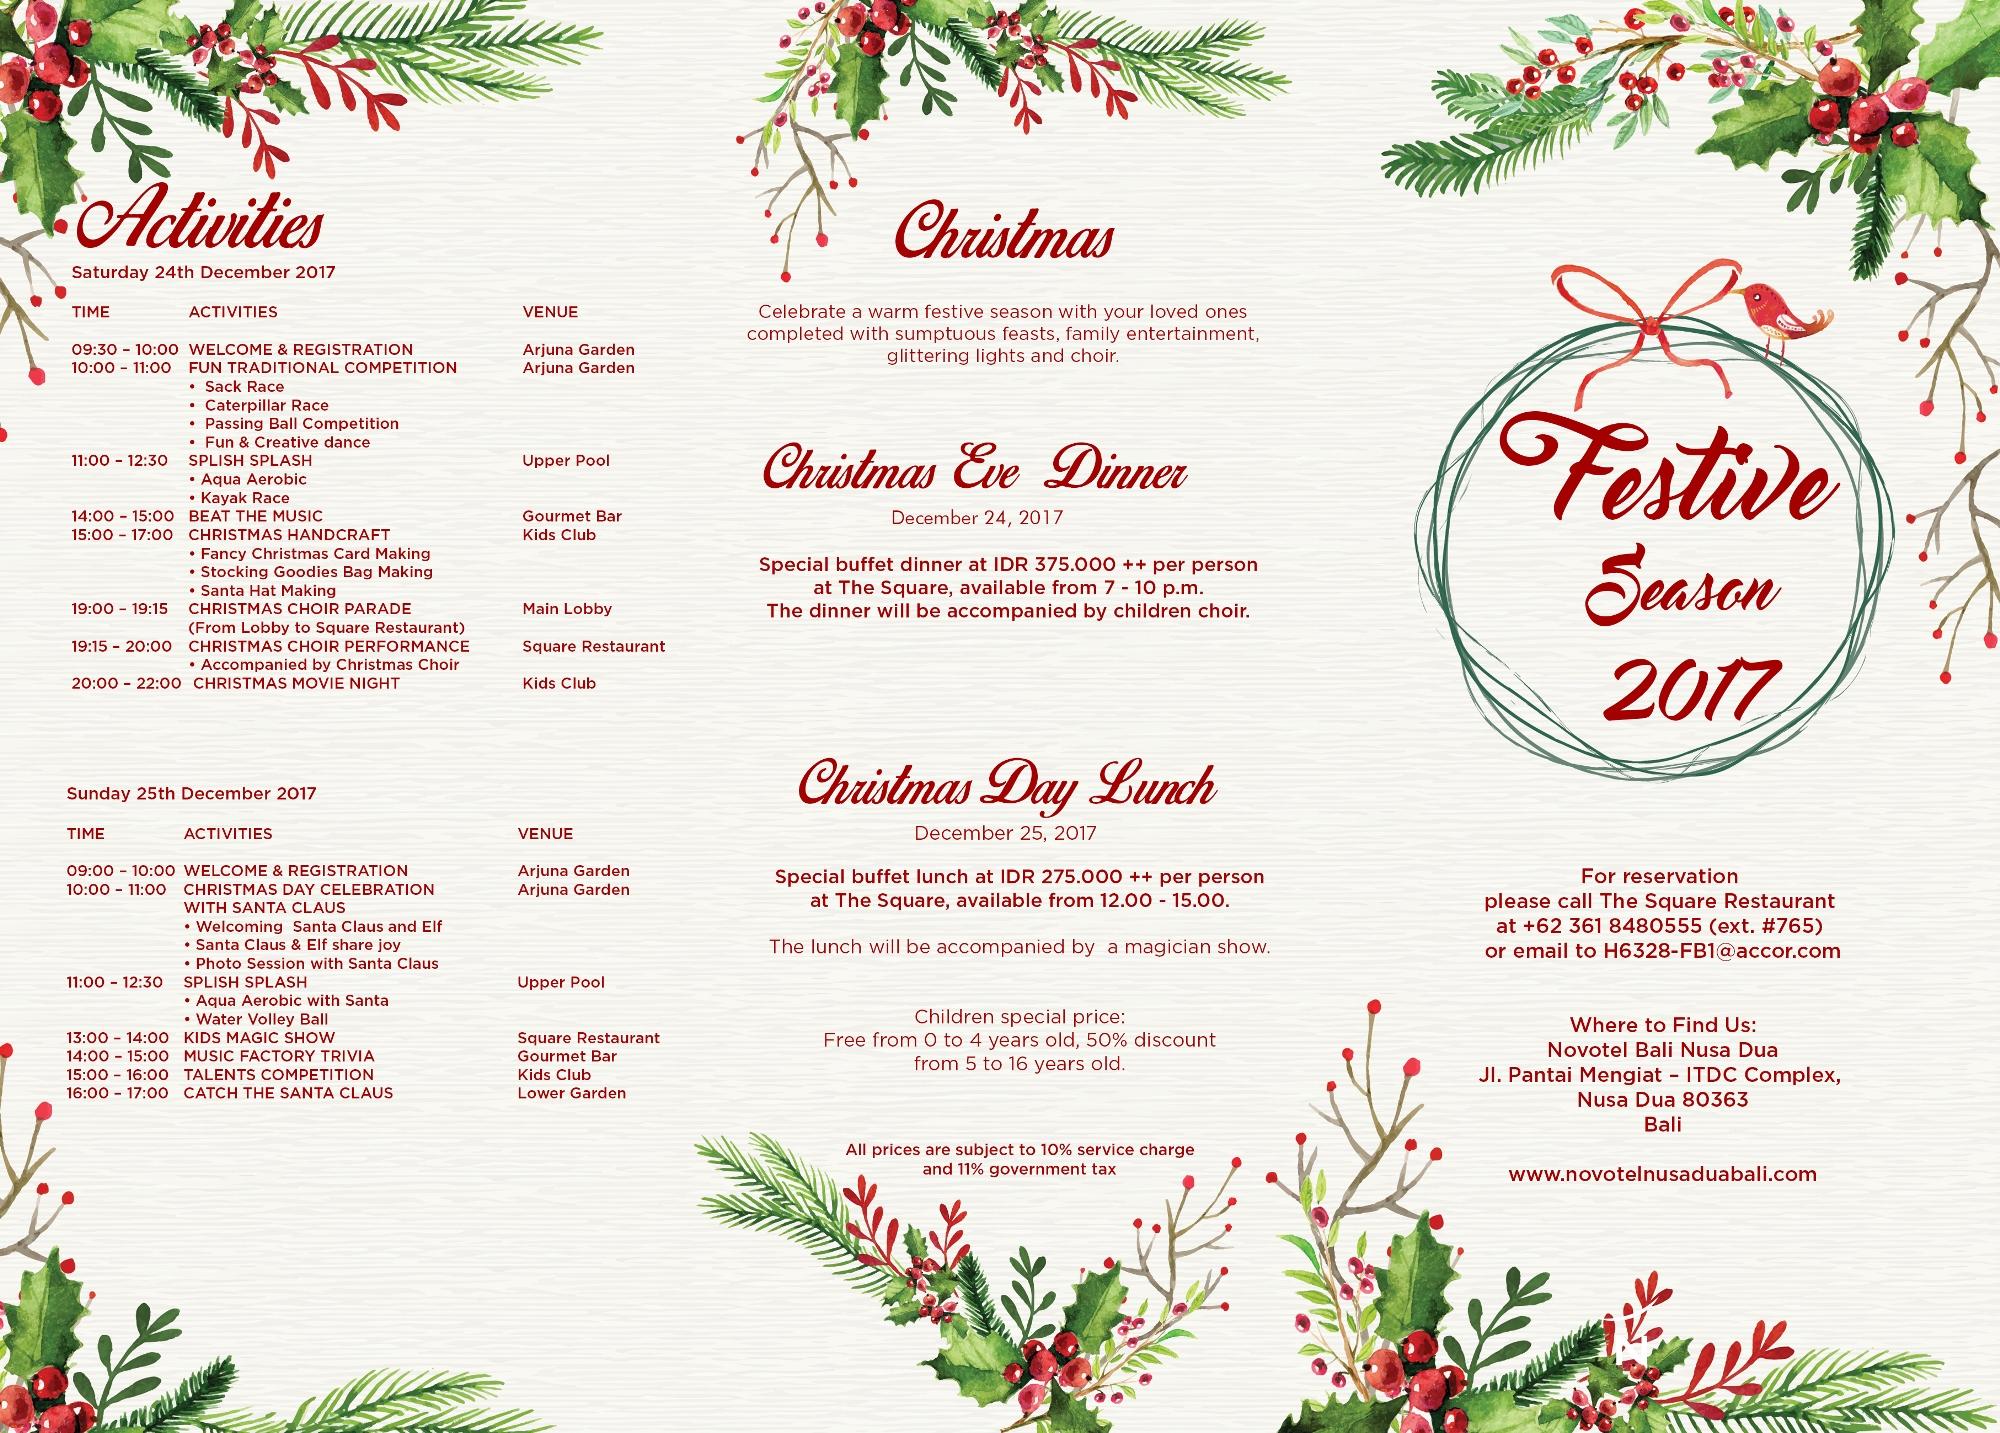 family-christmas-lunch-dinner-novotel-bali-nusa-dua